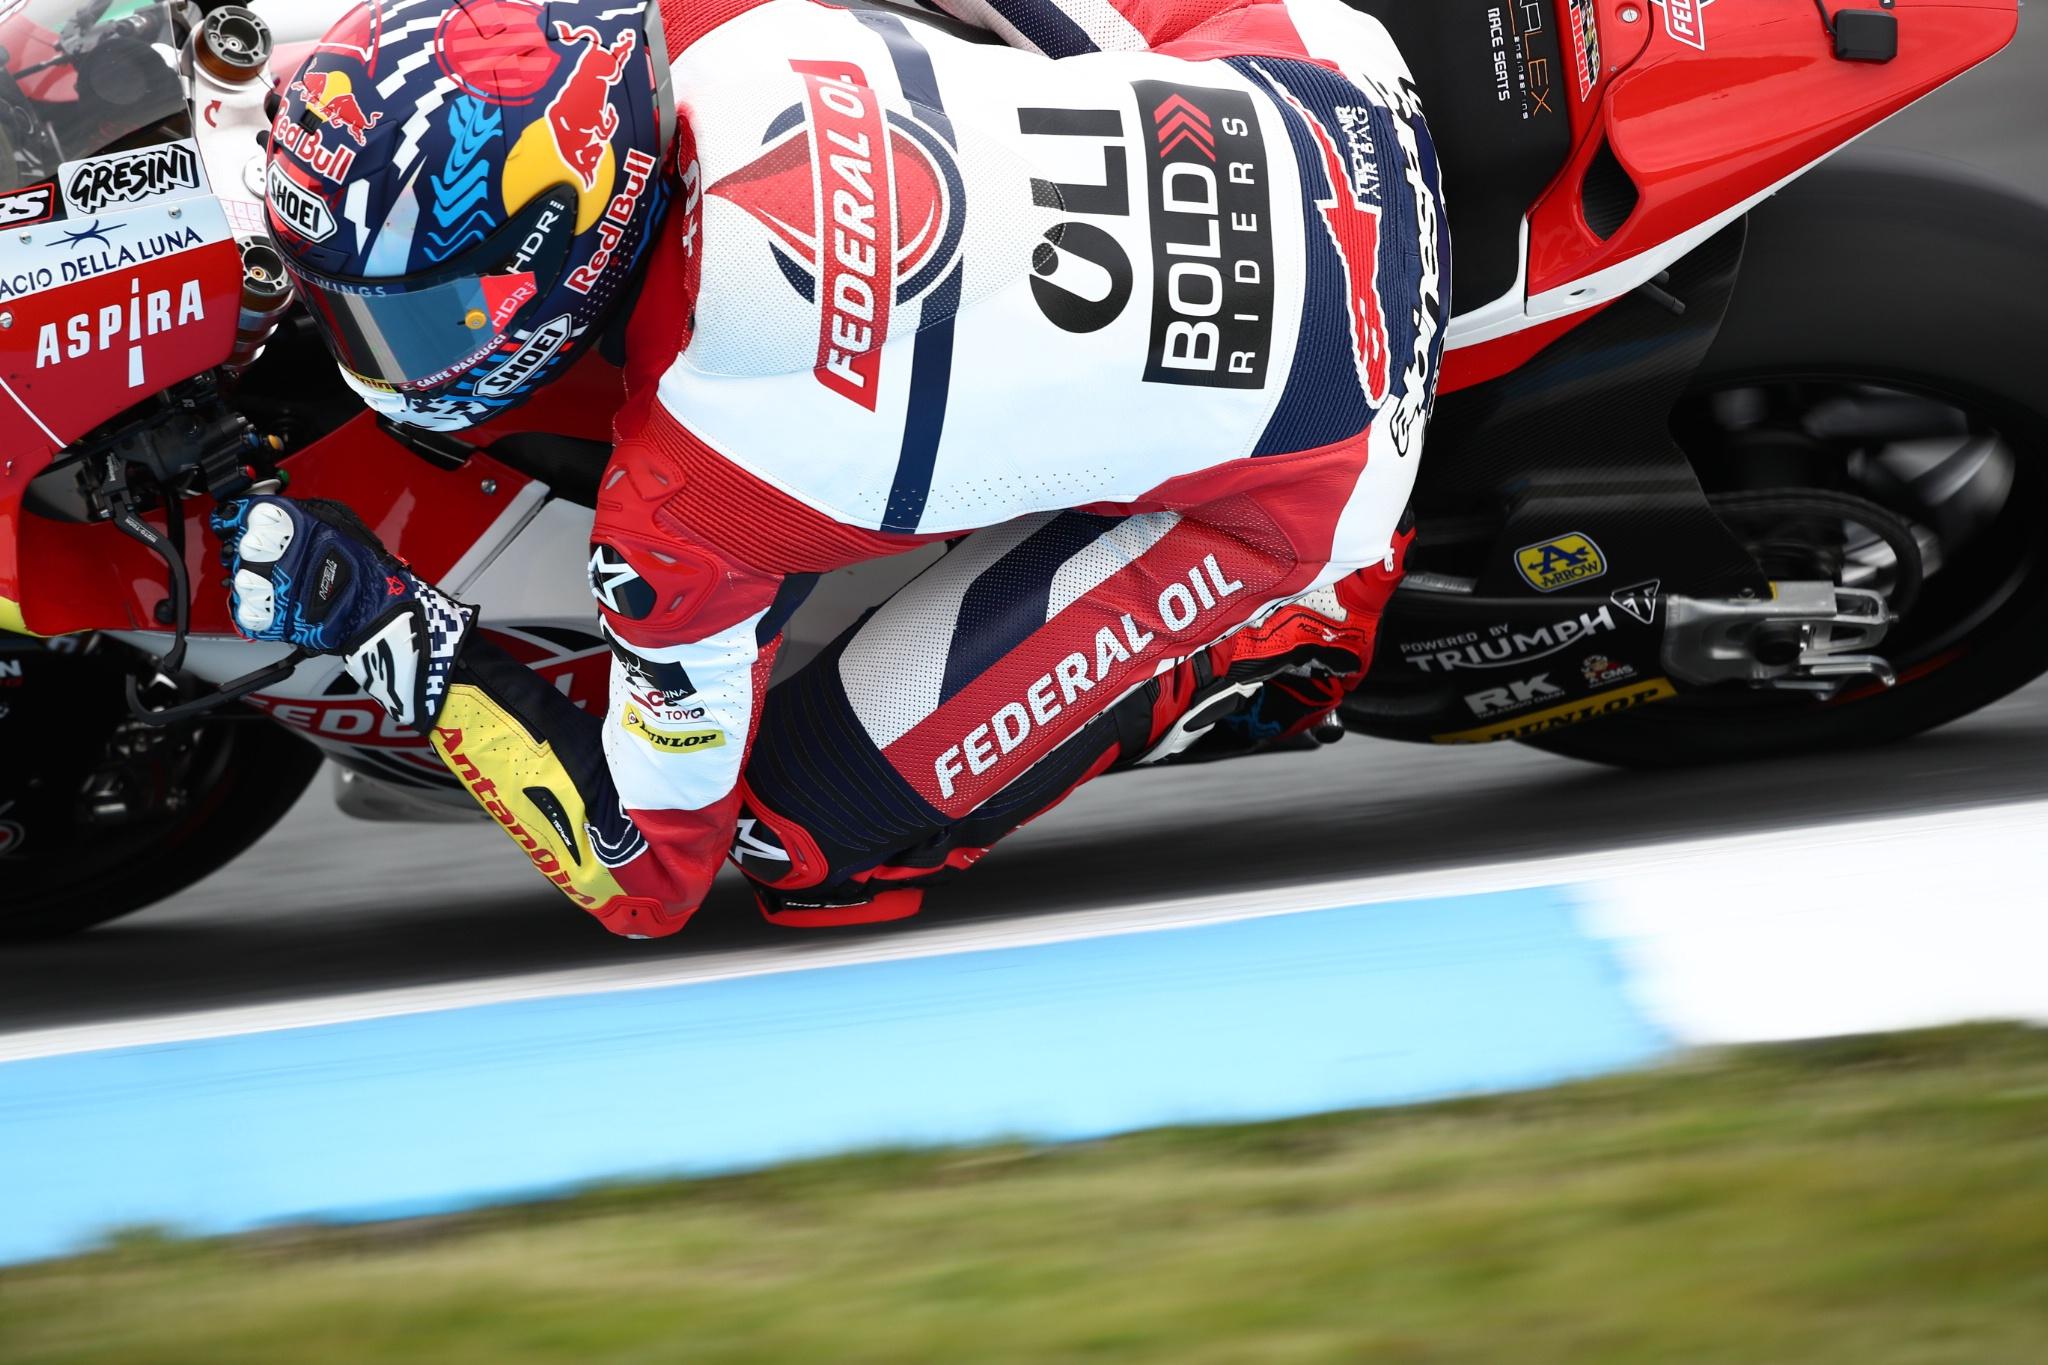 Fabio Di Giannantonio, Moto2, Dutch MotoGP, 25 June 2021